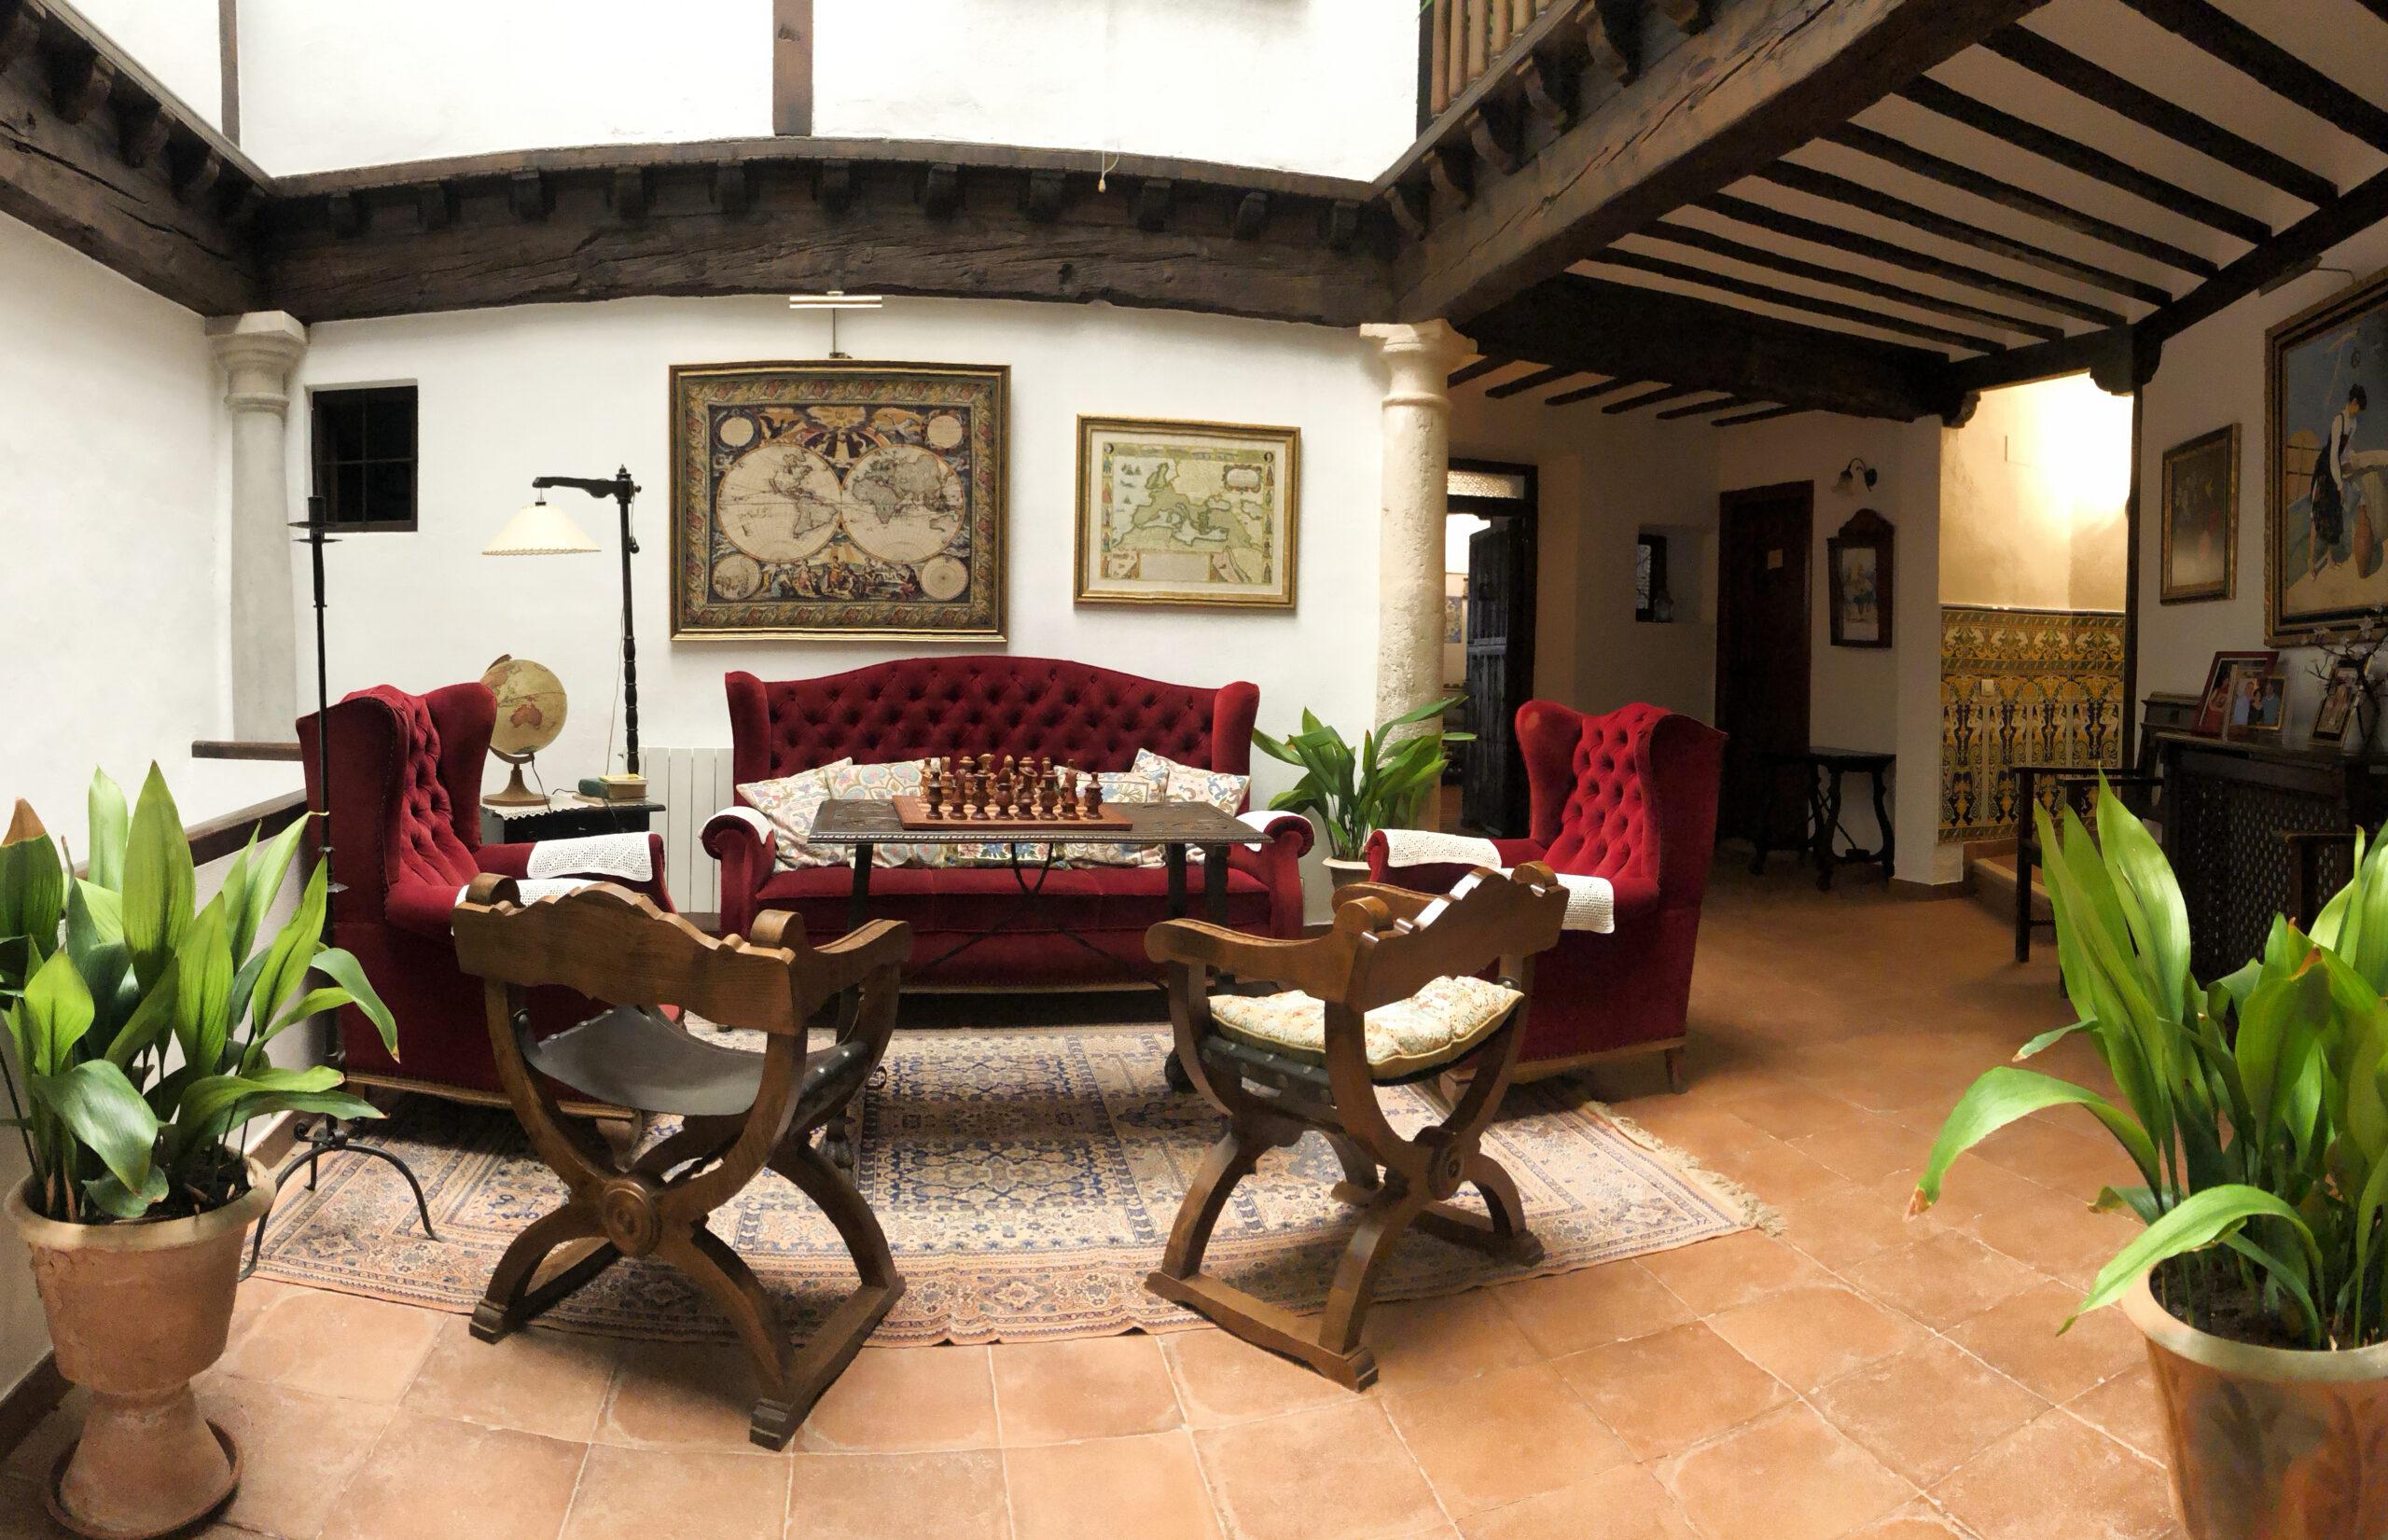 patio interior Casa de la Torre 02 copia